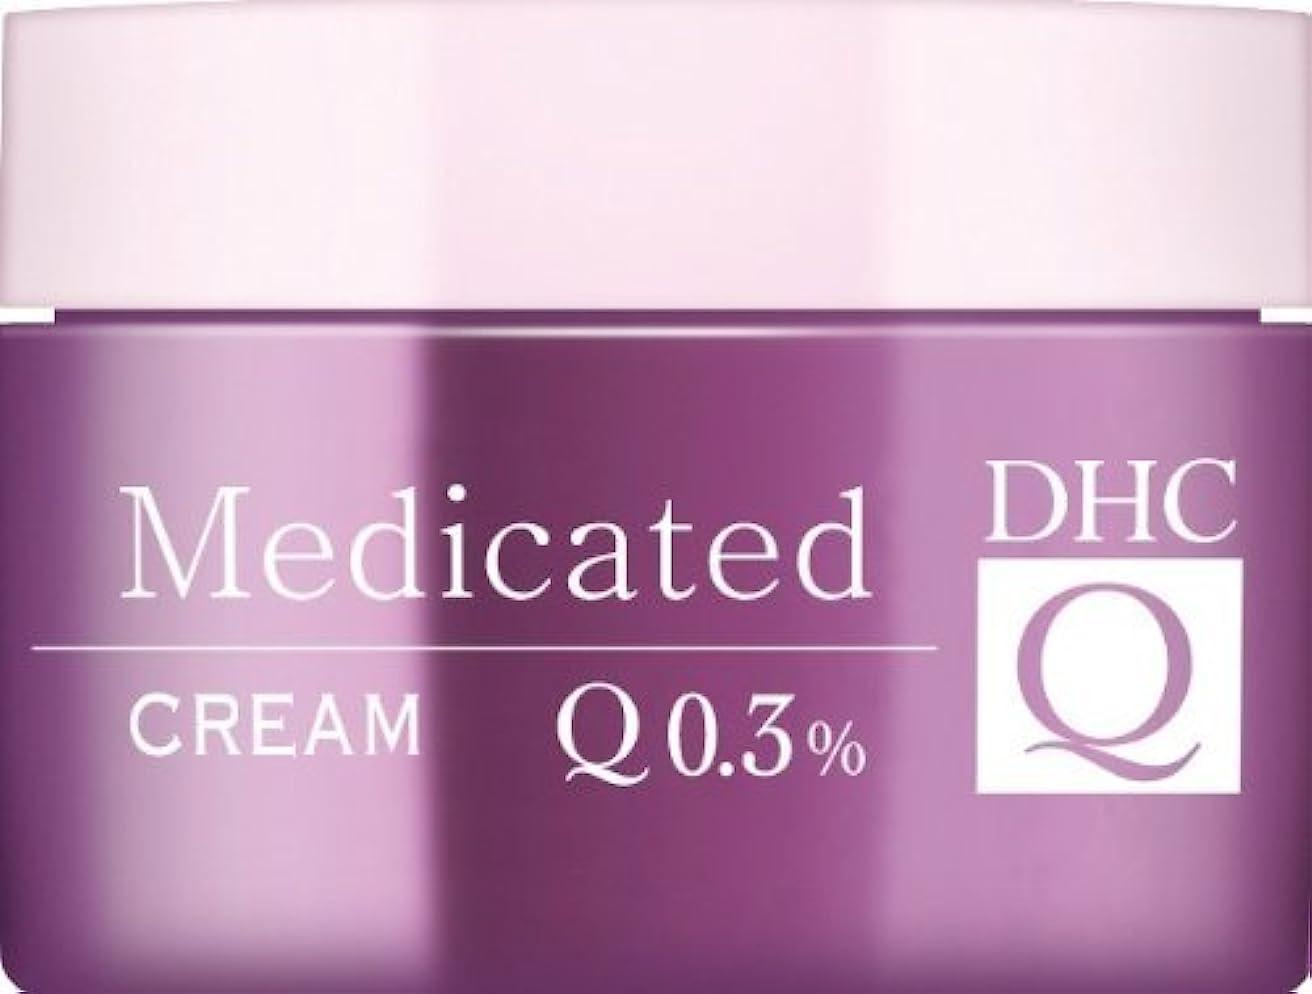 透けて見えるオリエンタル聴覚DHC(ディーエイチシー) 薬用Qフェースクリーム(SS) 23g